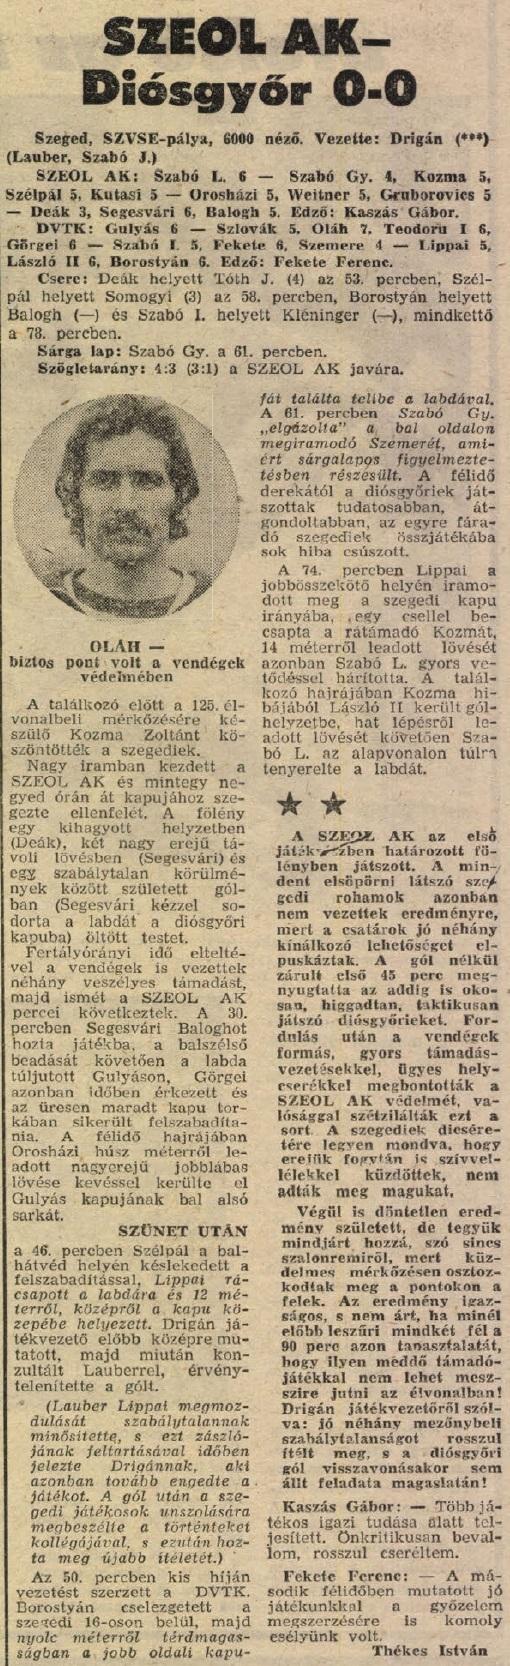 idokapszula_nb_i_1983_84_7_fordulo_szeol_ak_dvtk.jpg